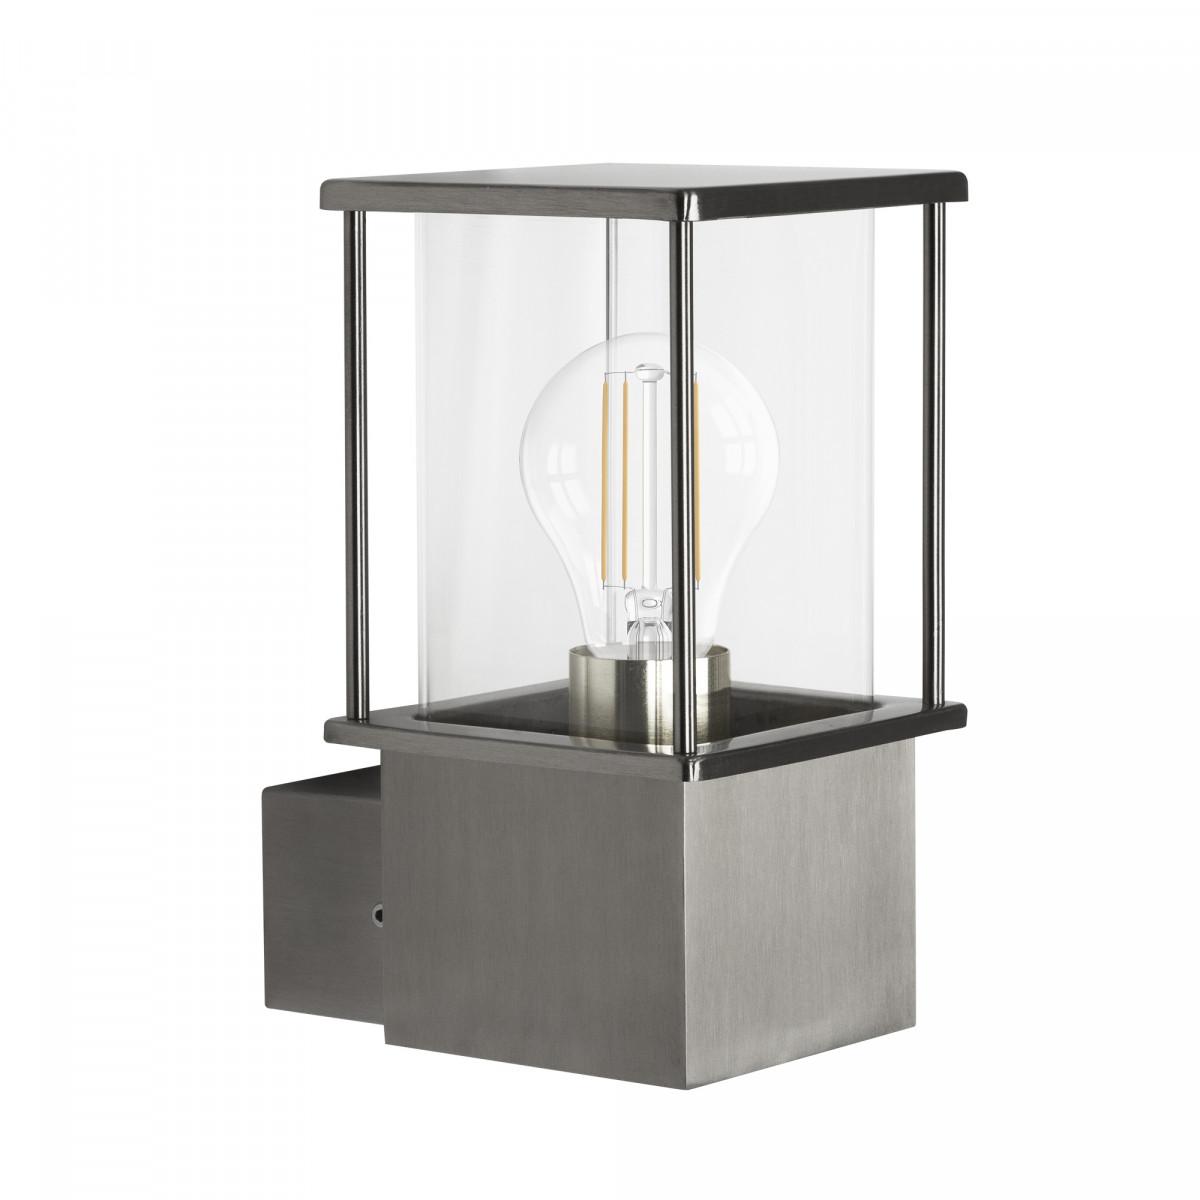 Buitenlamp Astro wandlamp RVS stijlvol en compacte verlichting voor buiten aan de wand met heldere beglazing van het merk KS Verlichting